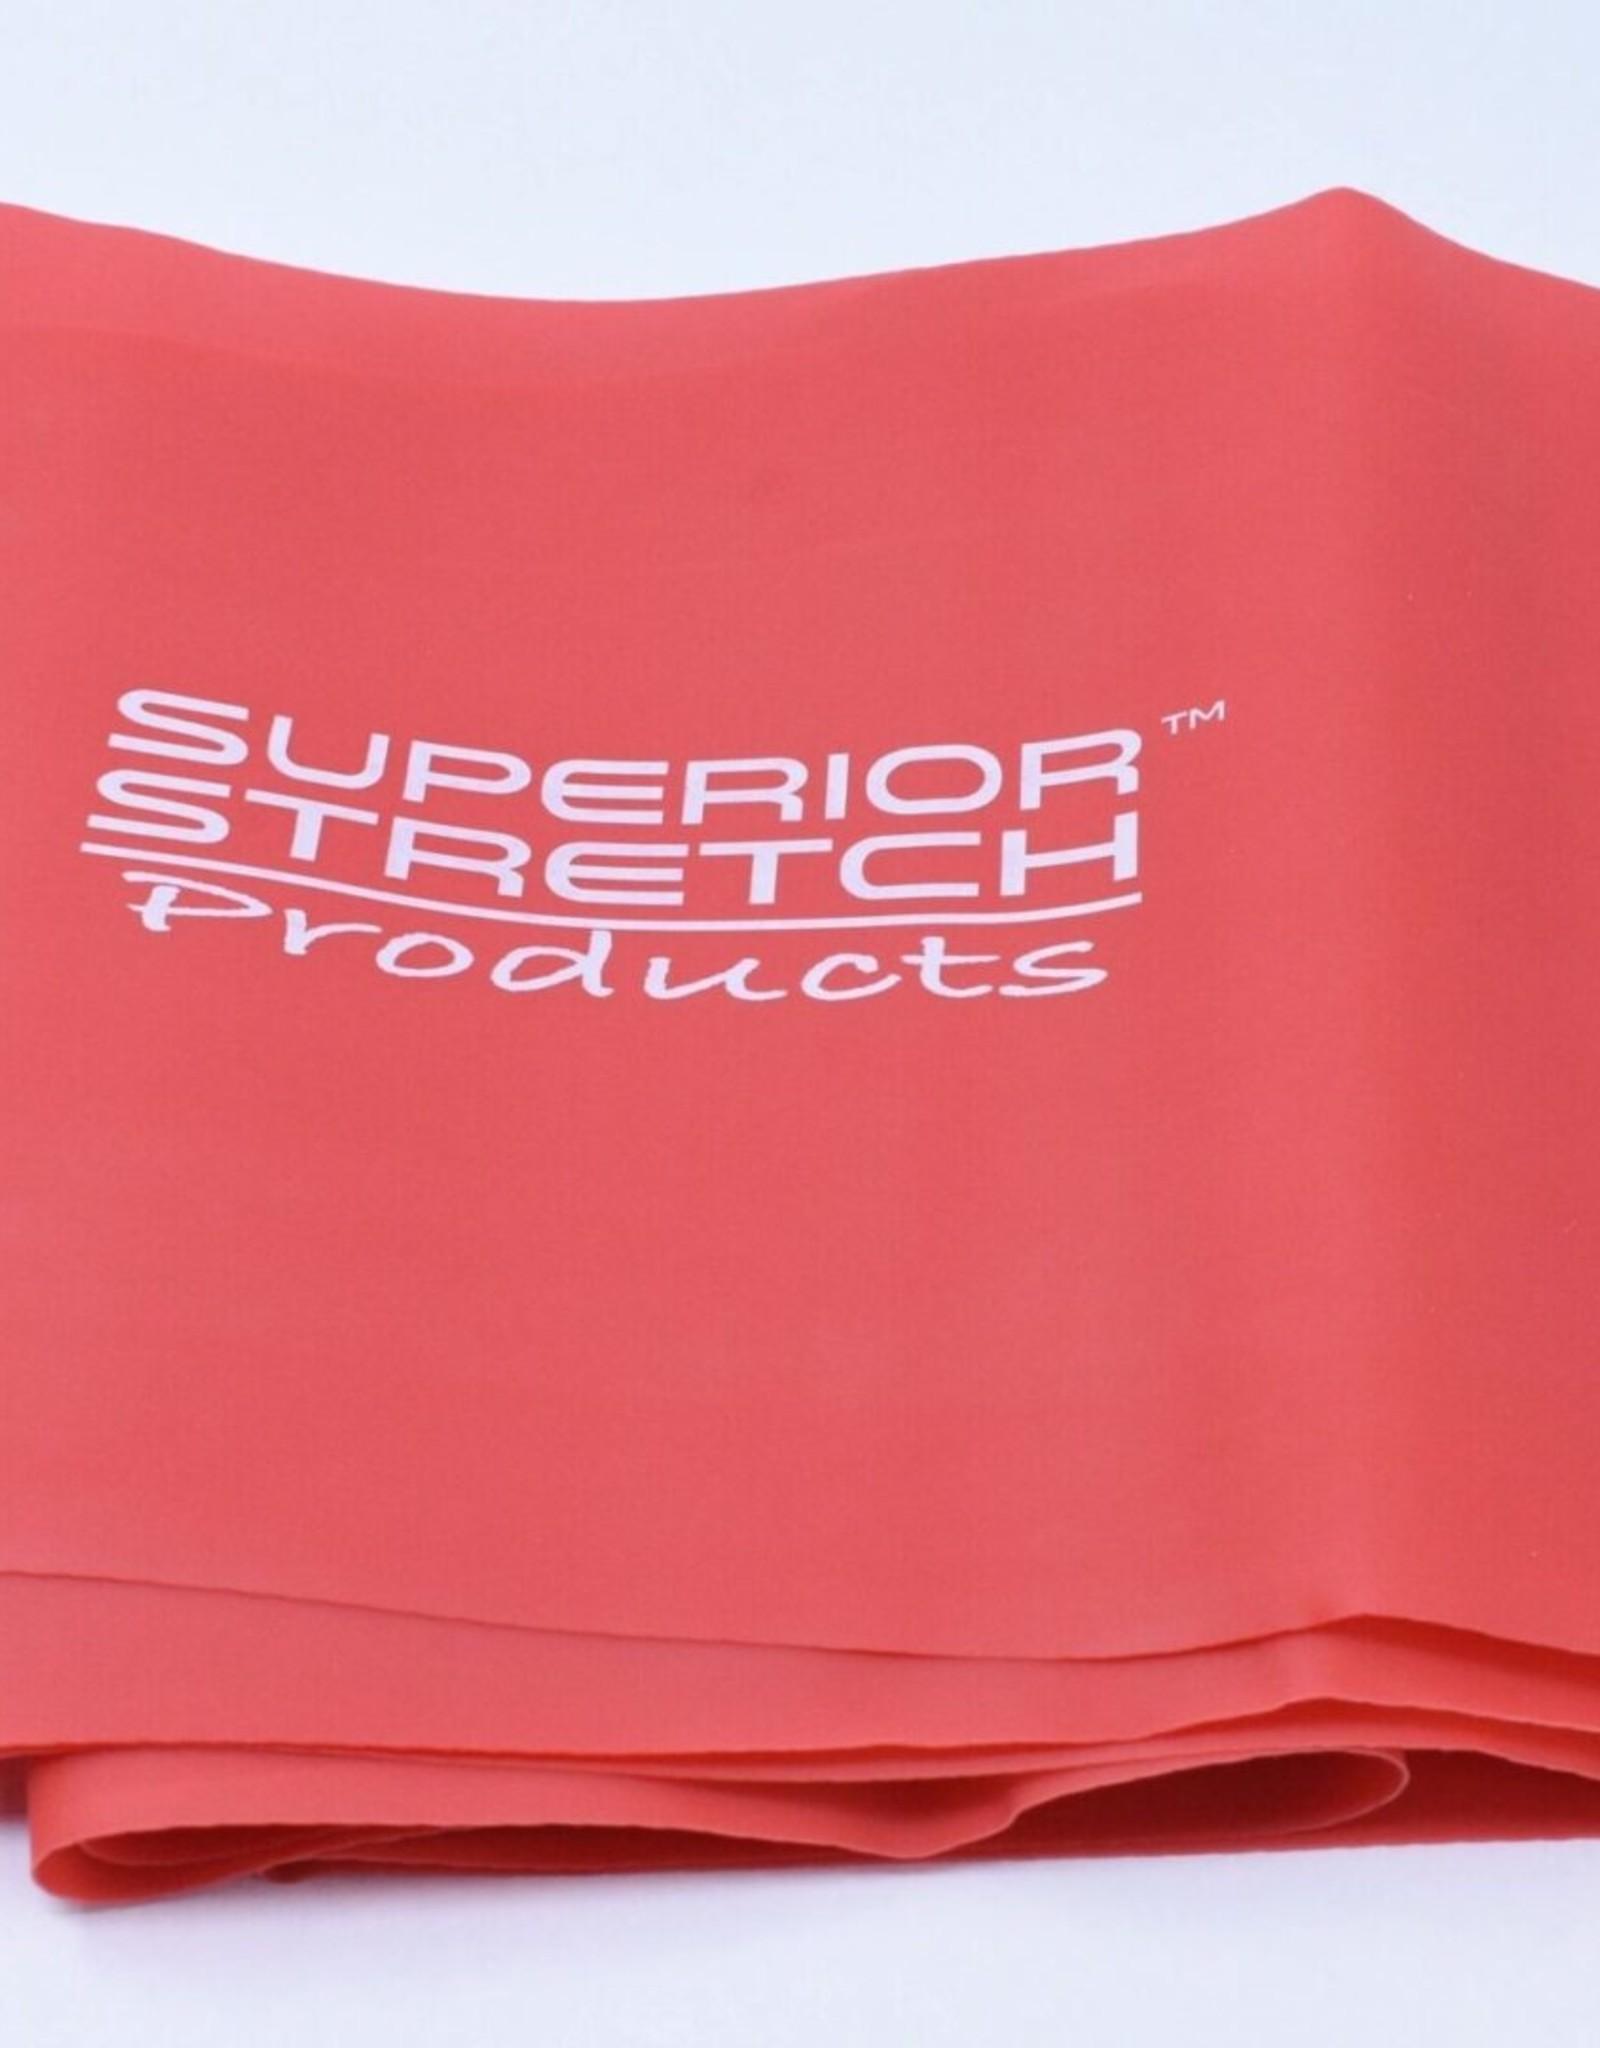 Superior Stretch Superior Stretch Clover Band Level 2 Red